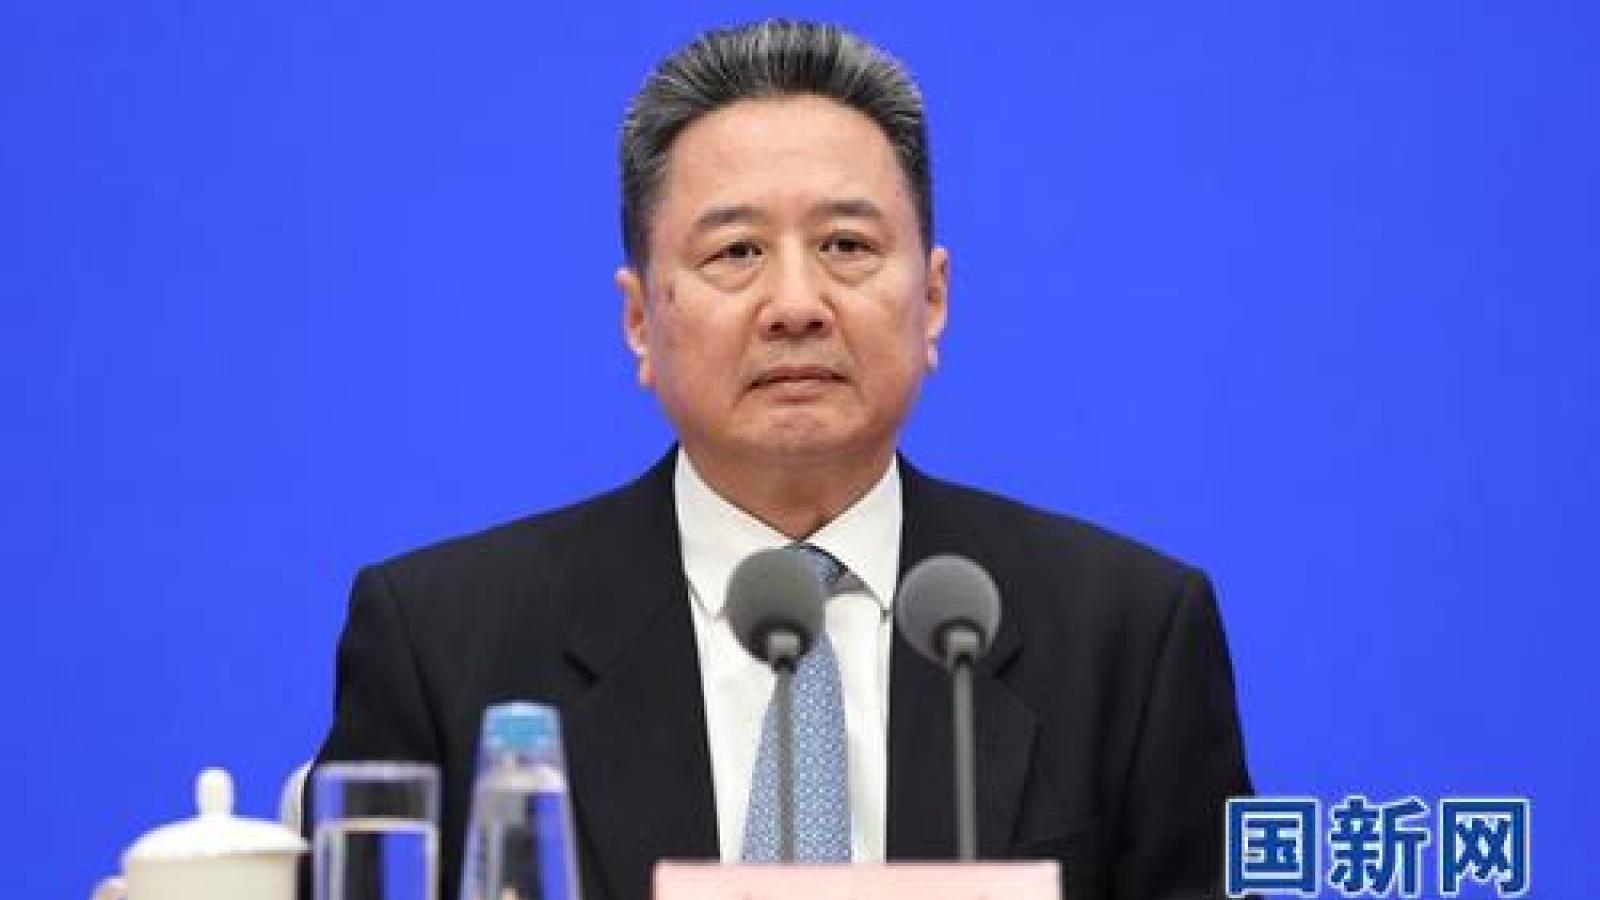 Trung Quốc đặt mục tiêu trở thành cường quốc về giao thông vào giữa thế kỷ 21